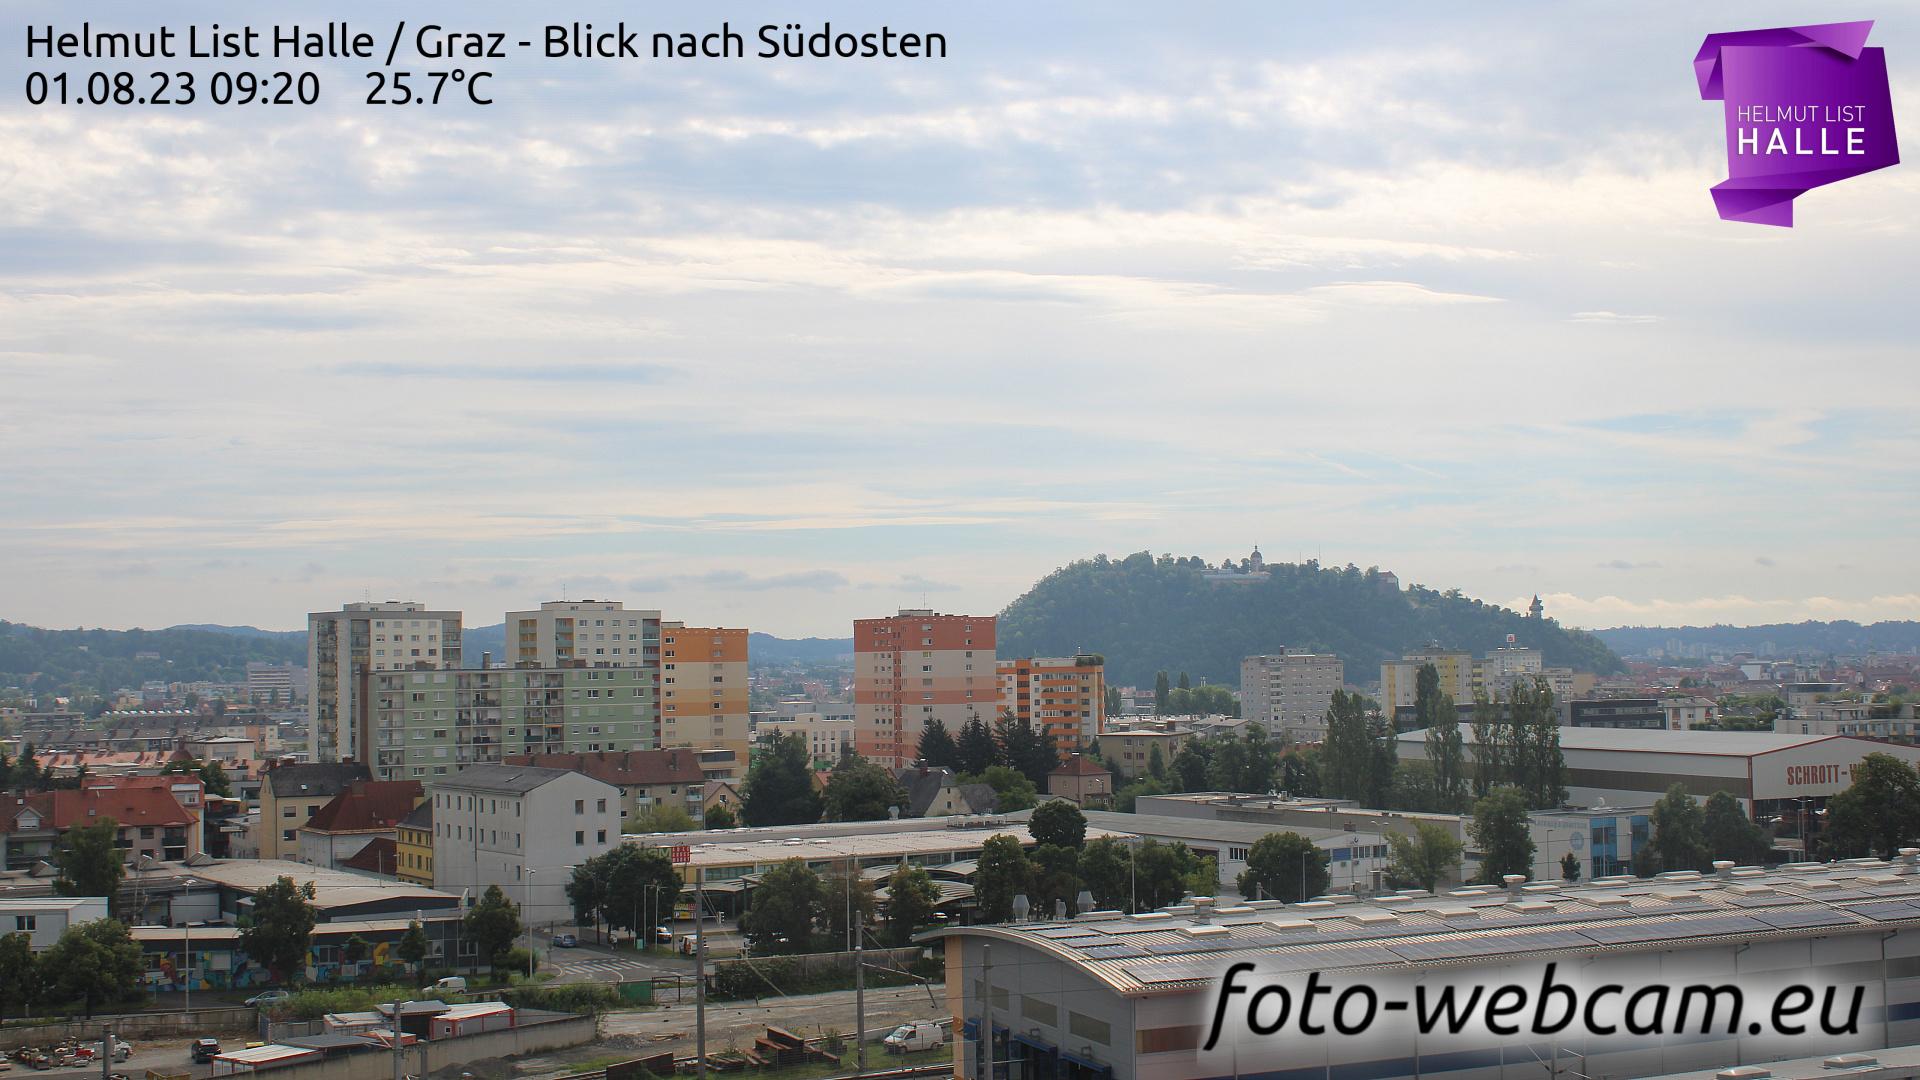 Graz Sun. 09:32